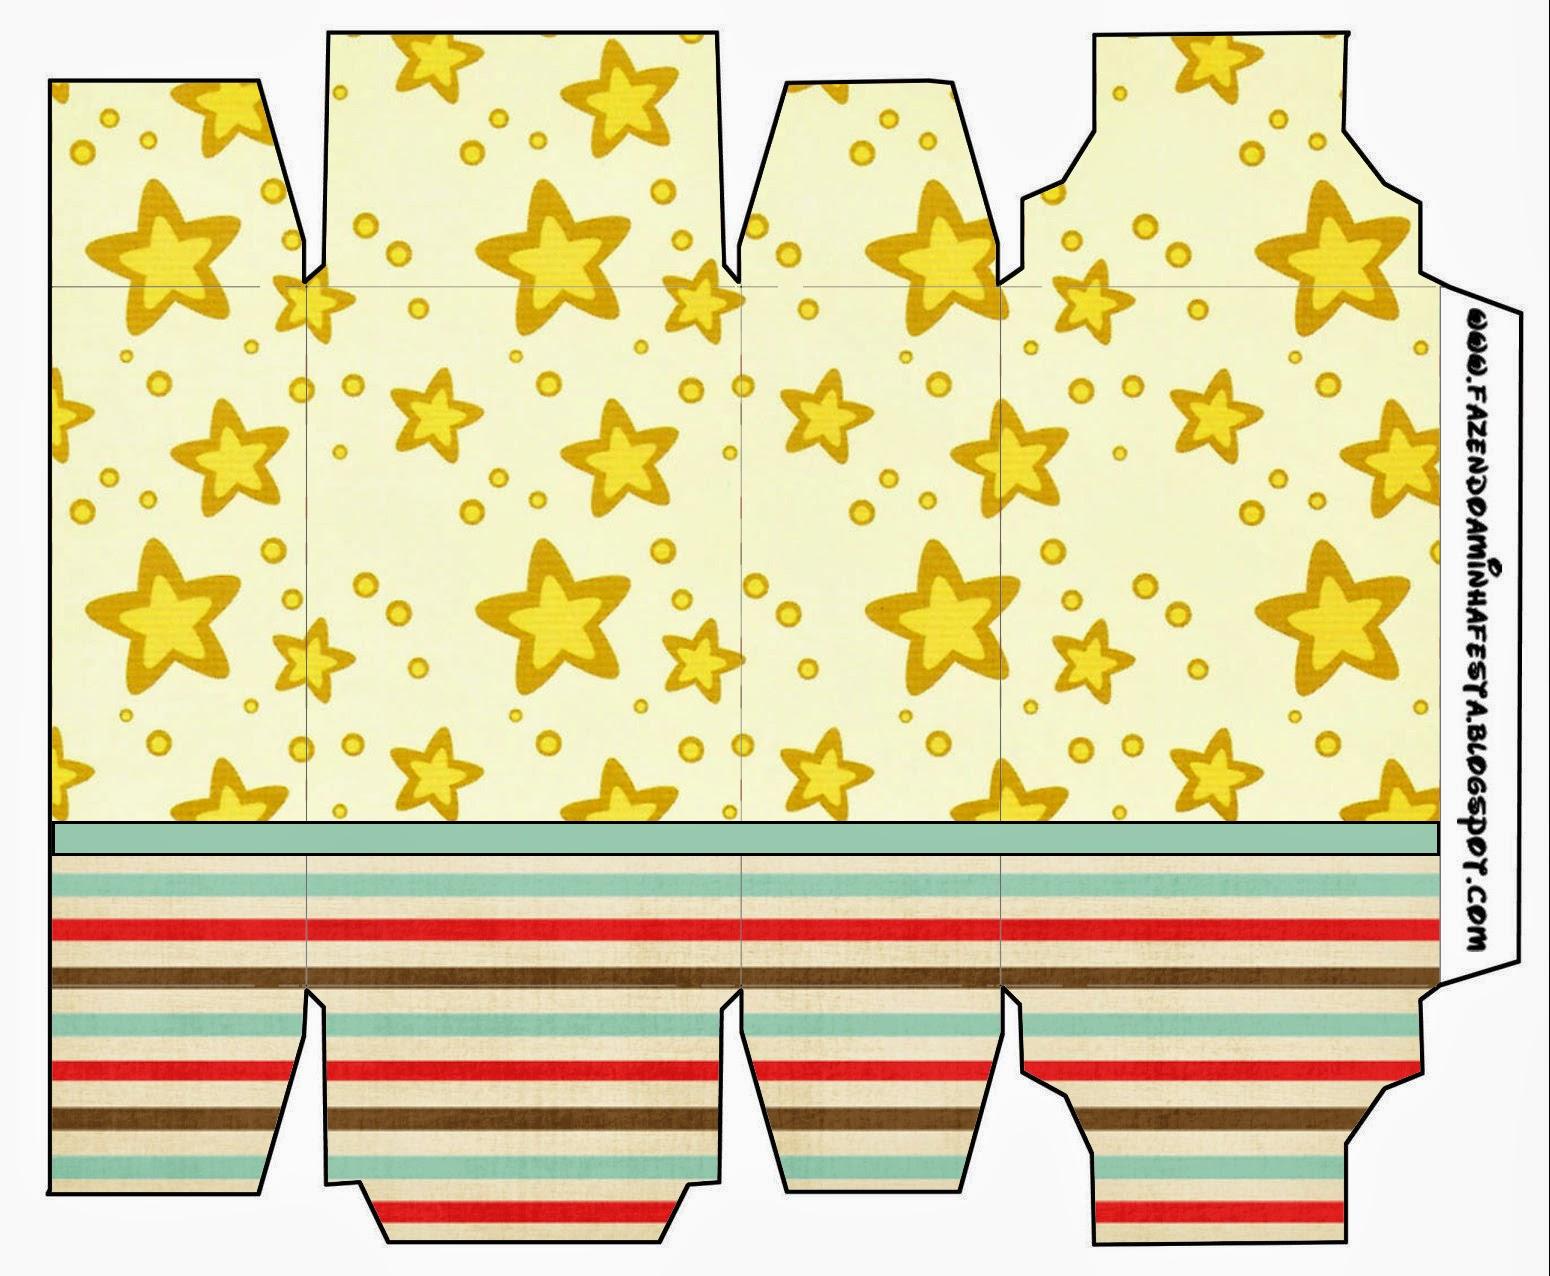 Cajas para Imprimir Gratis de Estrellas Doradas y Rayas de Colores.